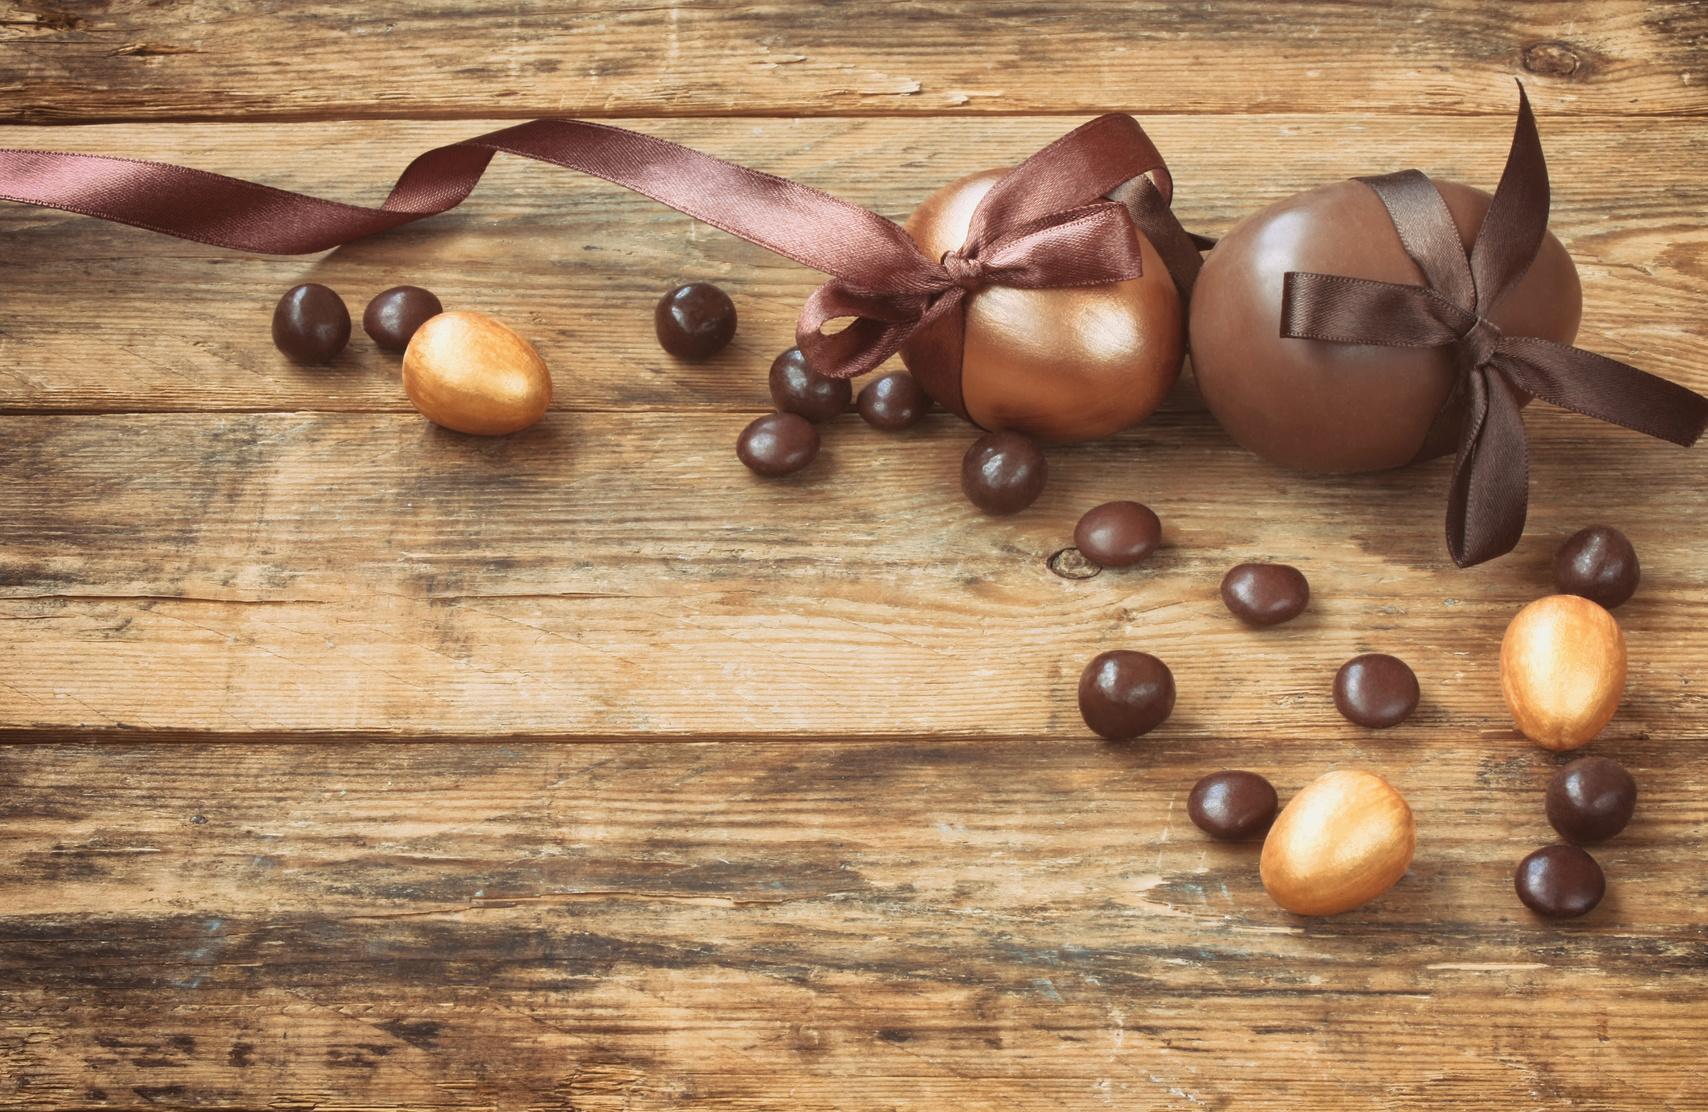 Les chocolats de Pâques redoublent d'inventivité !